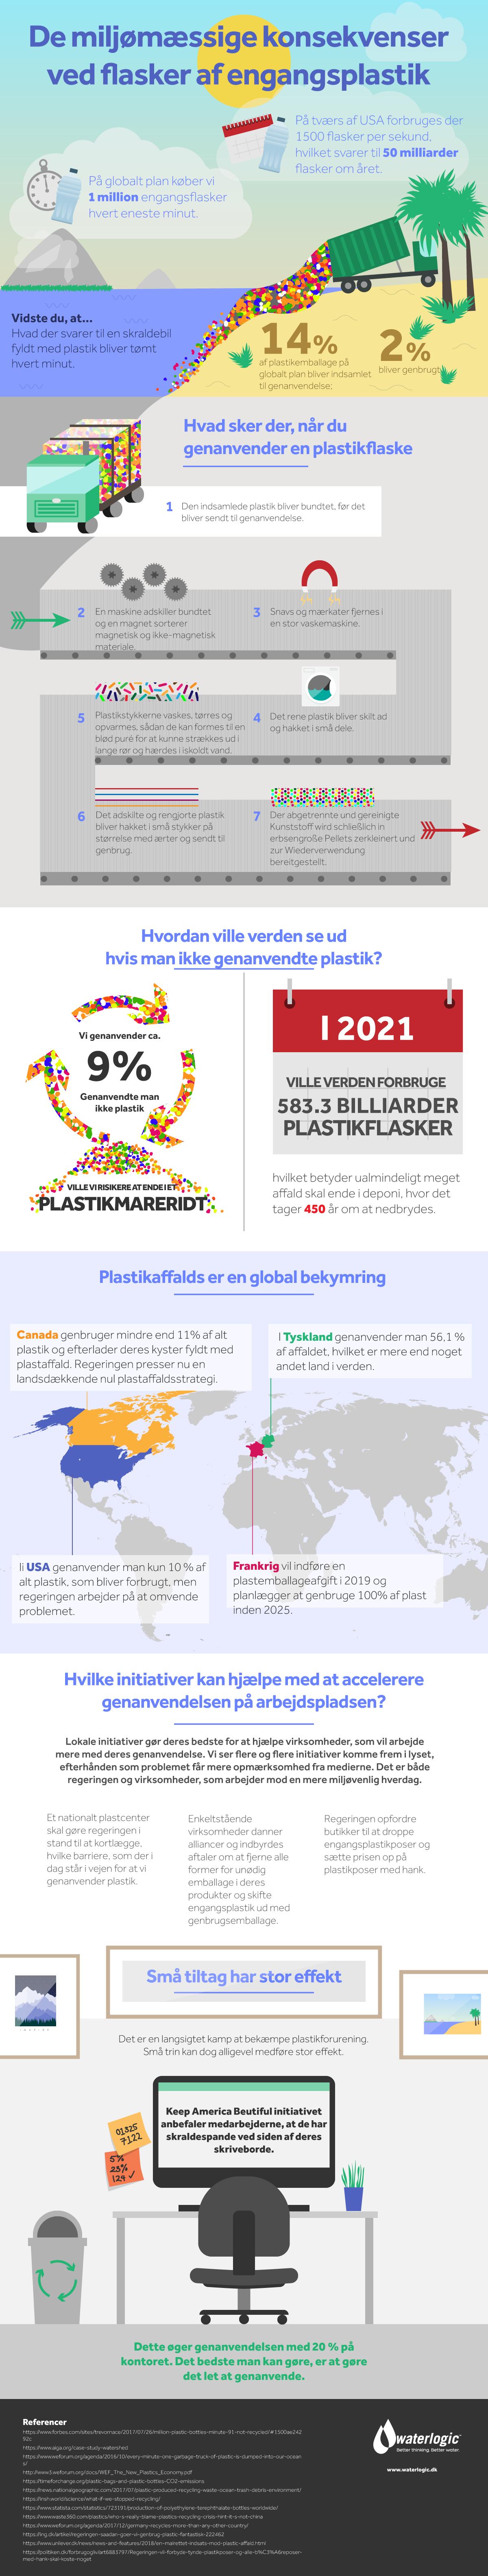 De miljømæssige konsekvenser ved flasker af engangsplastik